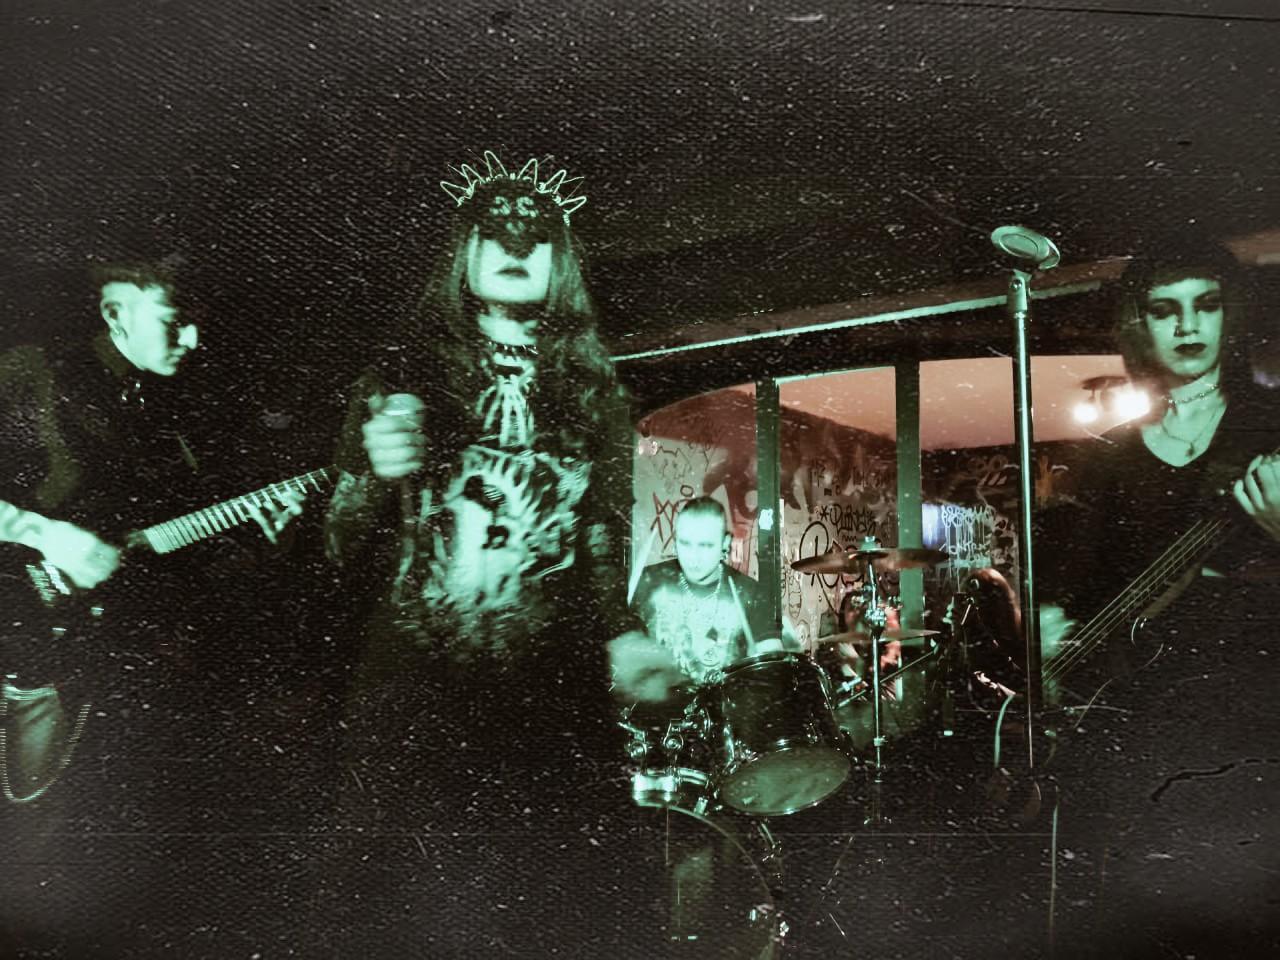 OKVLTA, banda de post piunk / death rock de Bogota, Colombia en El Poste, un podcast del Neo Travel Cast de Tropical Punk Records